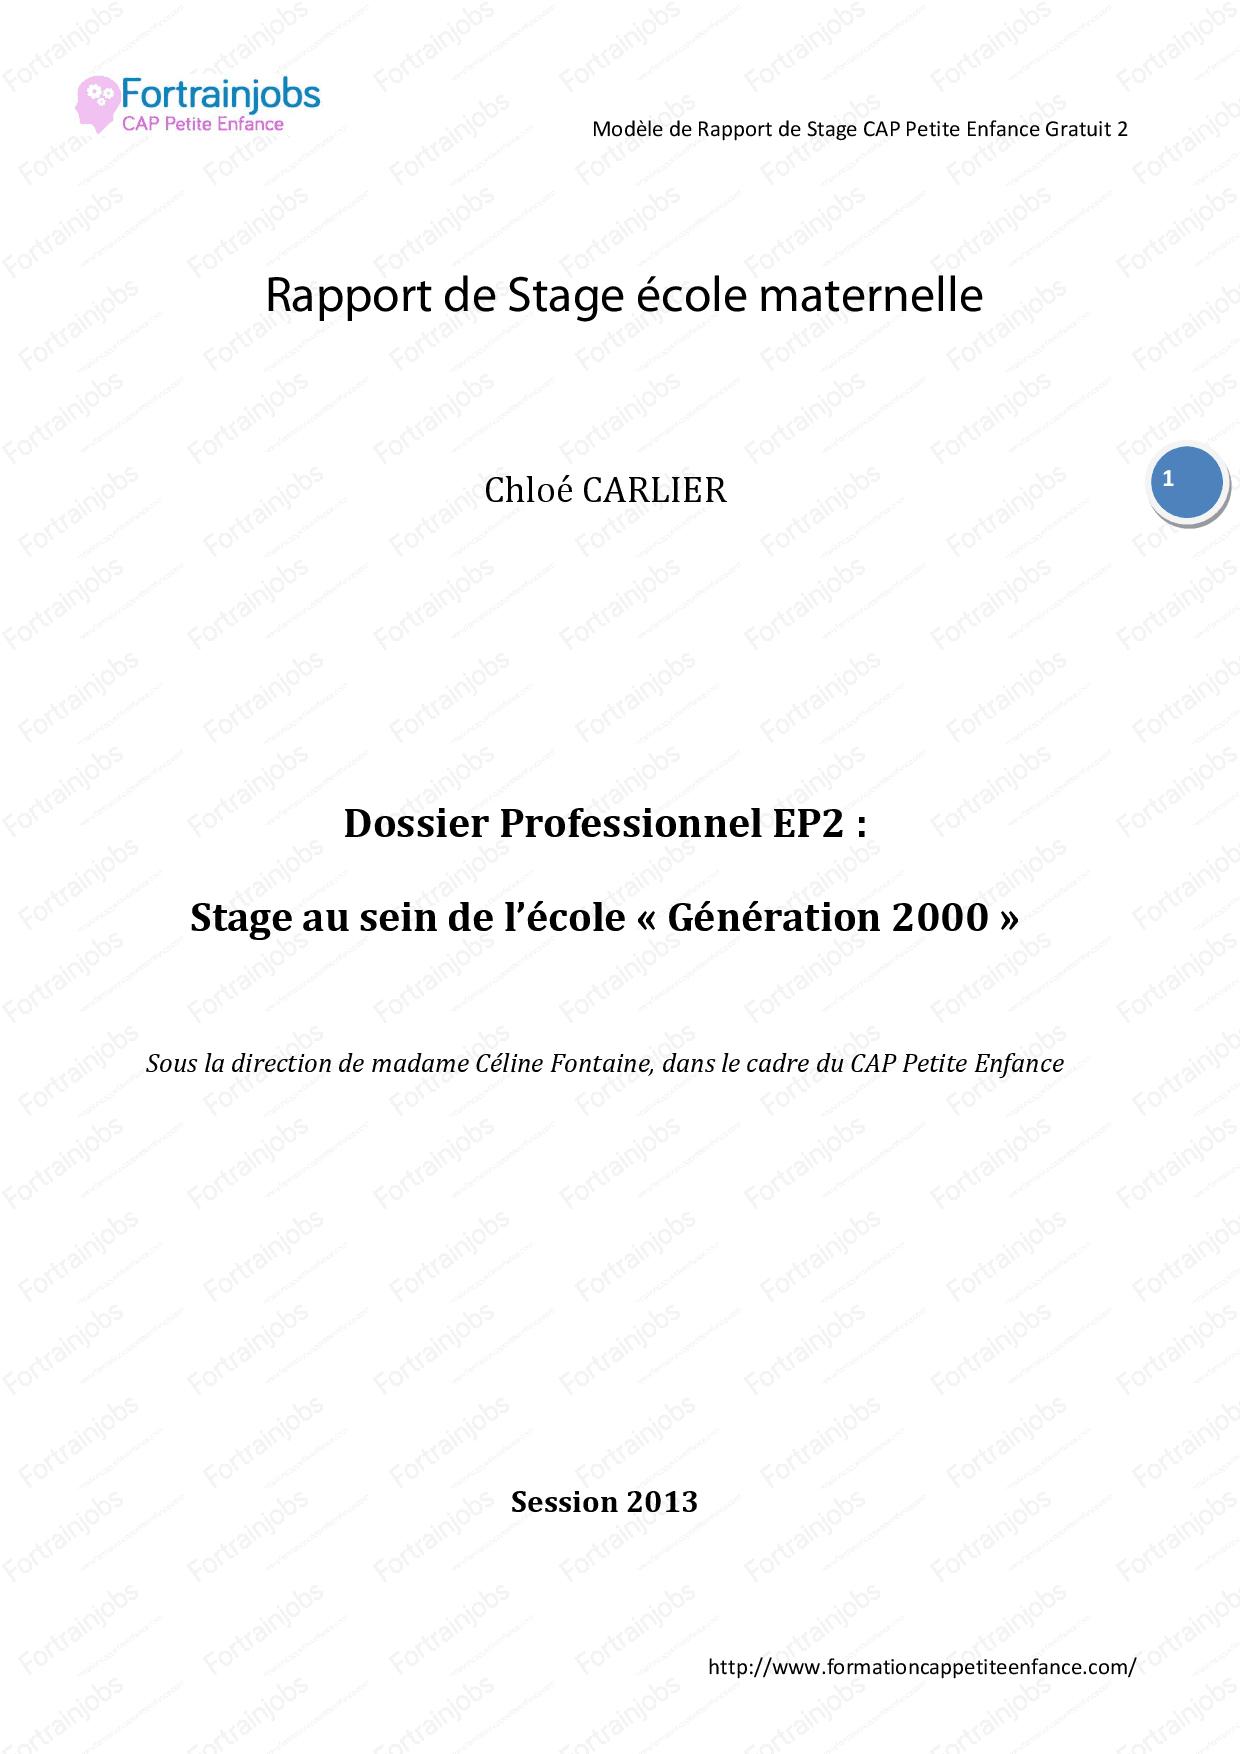 Rapport De Stage École Maternelle - Docsity dedans Jeux Gratuit Maternelle Petite Section